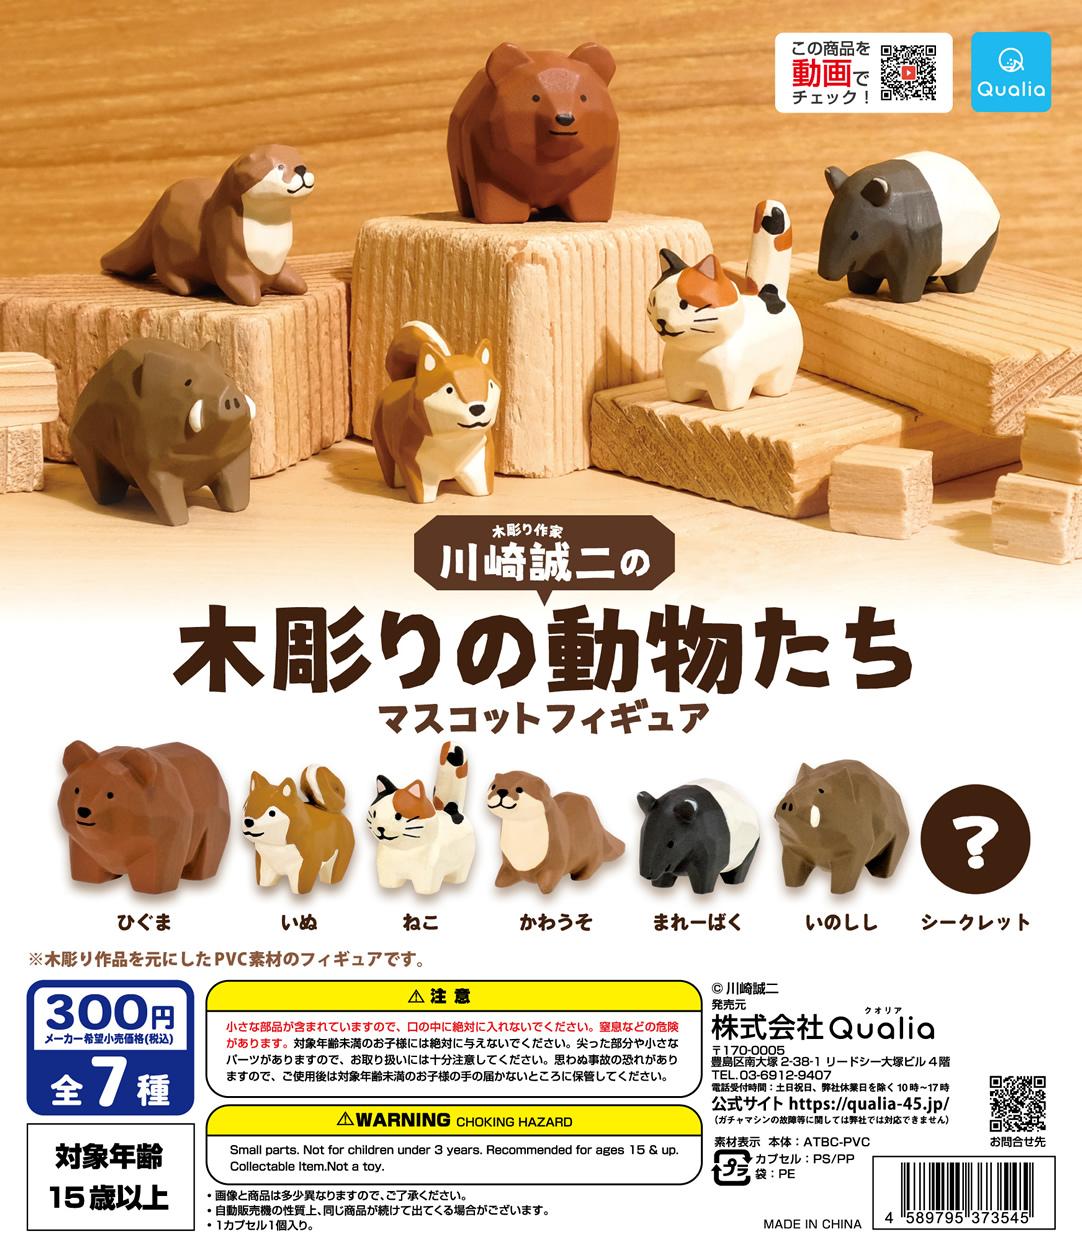 木彫り作家 川崎誠二の木彫りの動物たち マスコットフィギュア